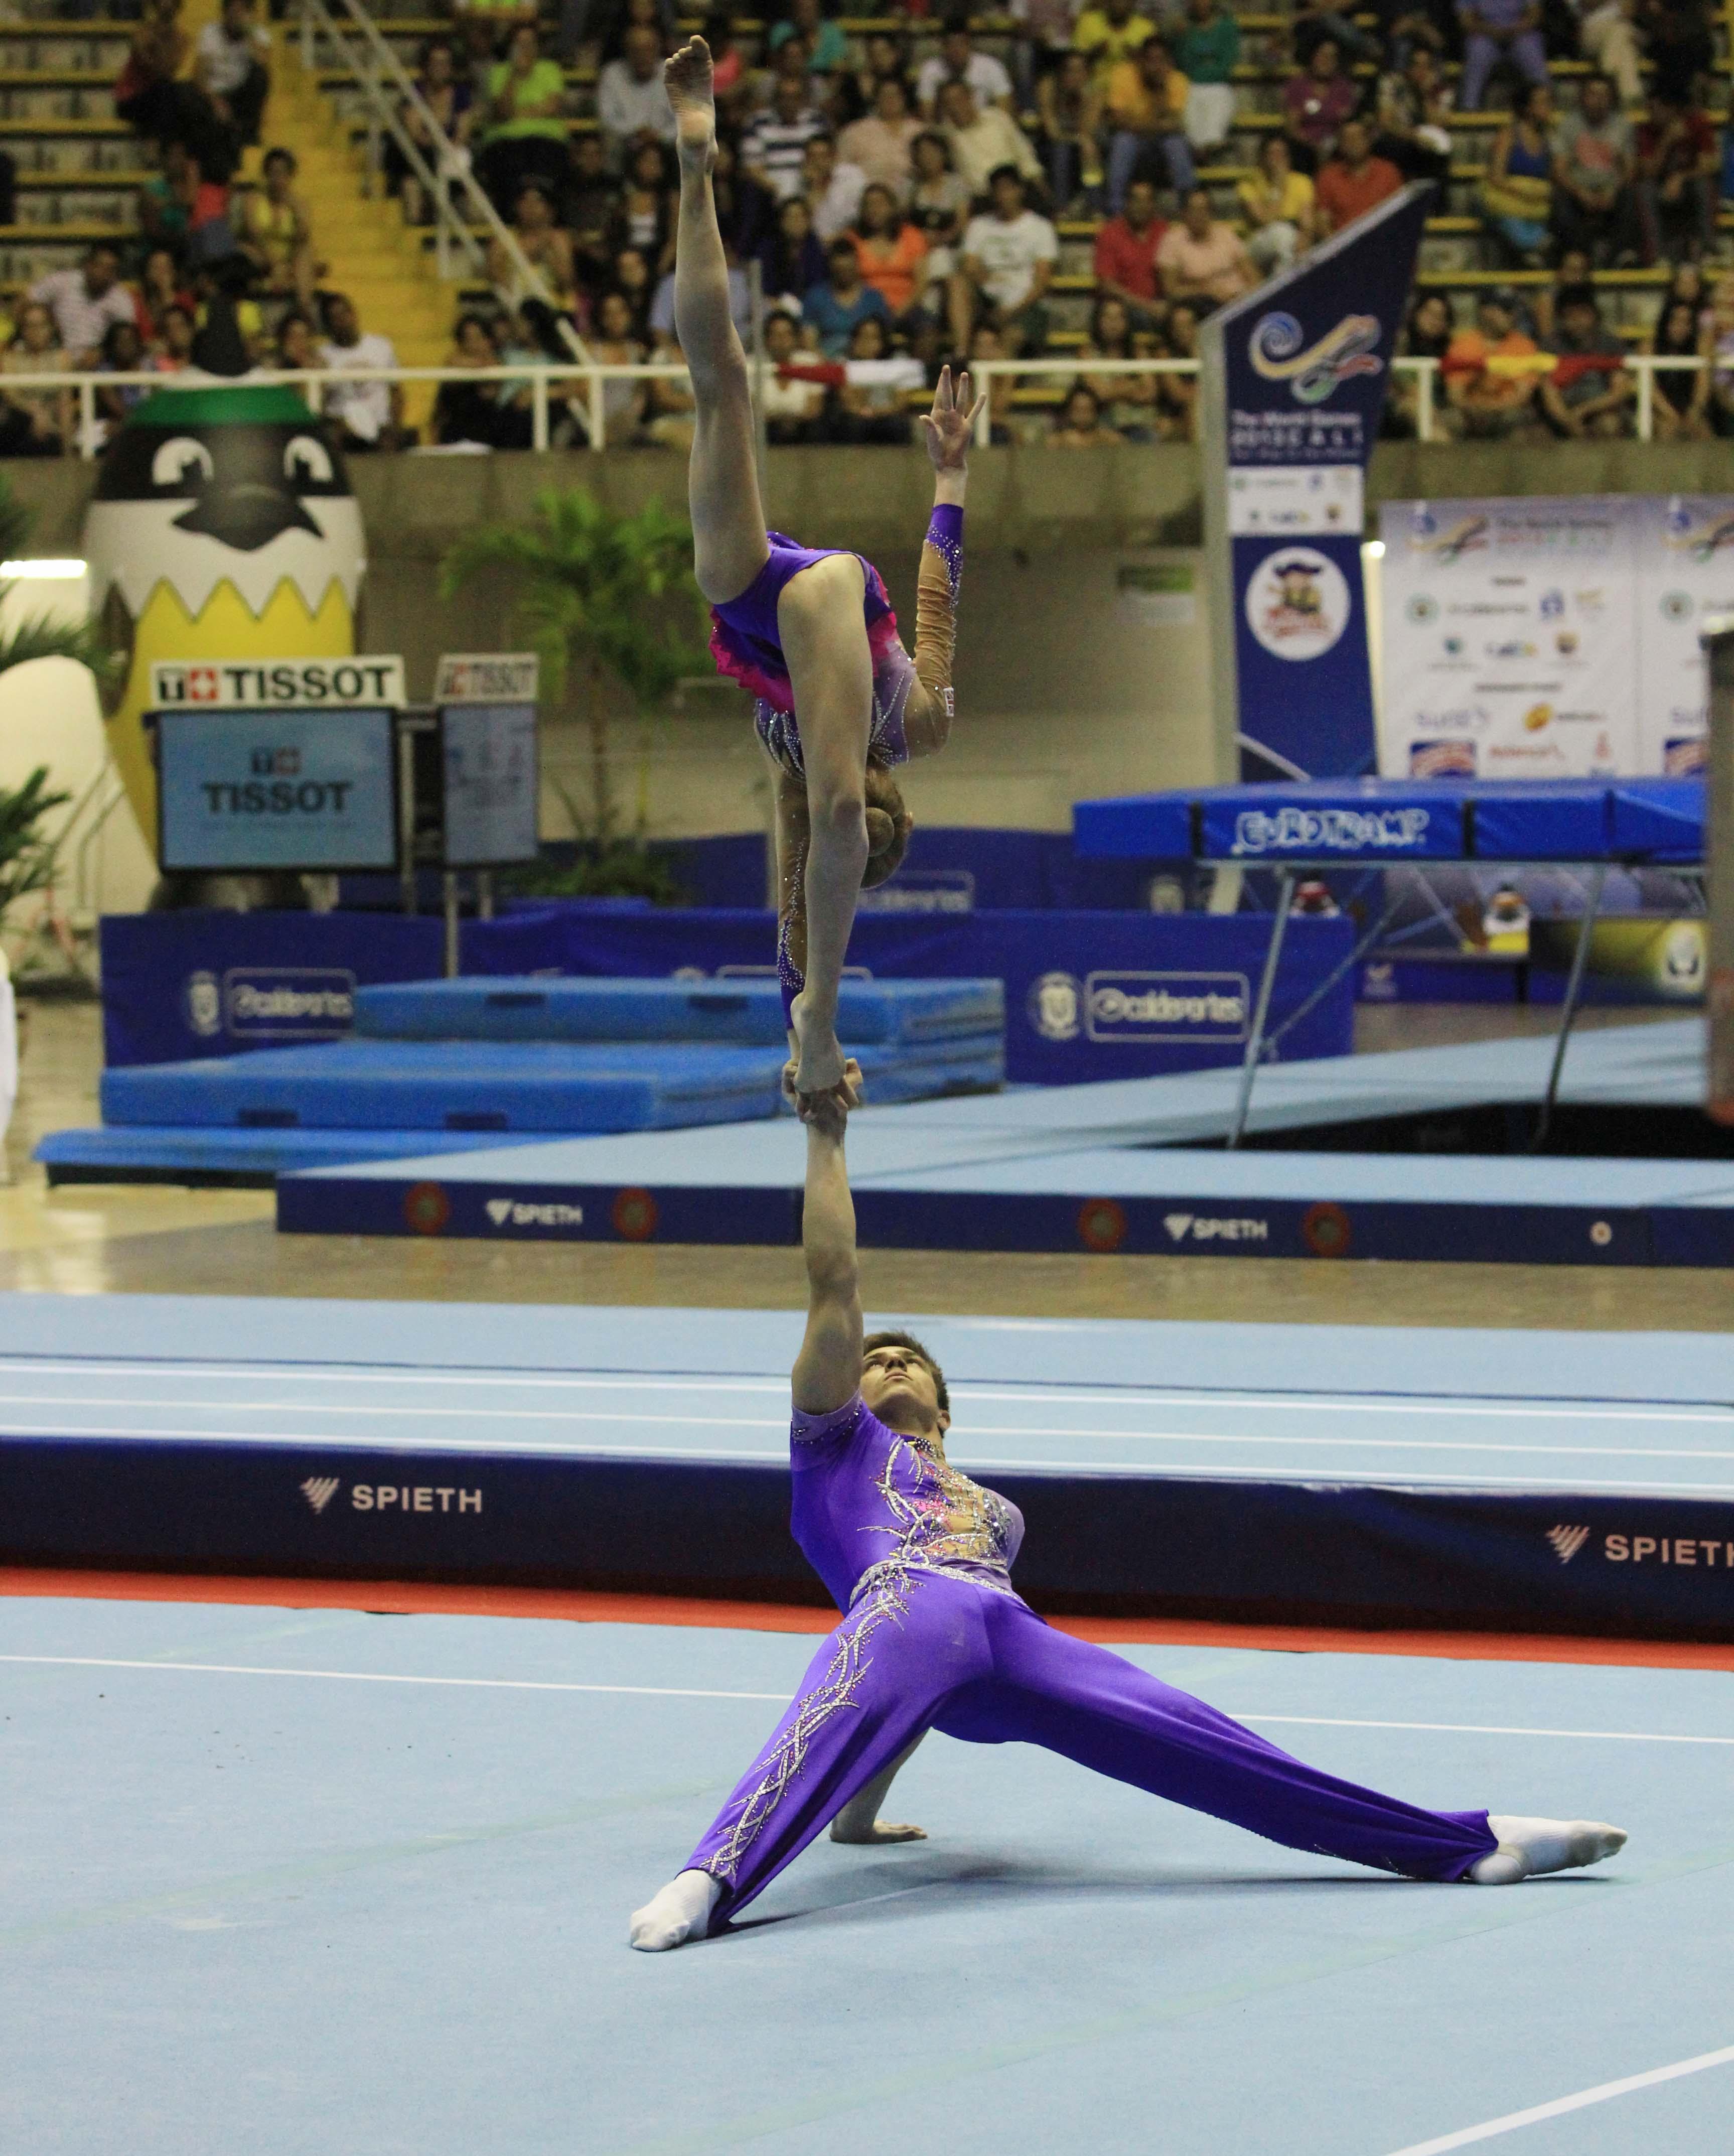 En imágenes: los giros y saltos mortales de la gimnasia de trampolín